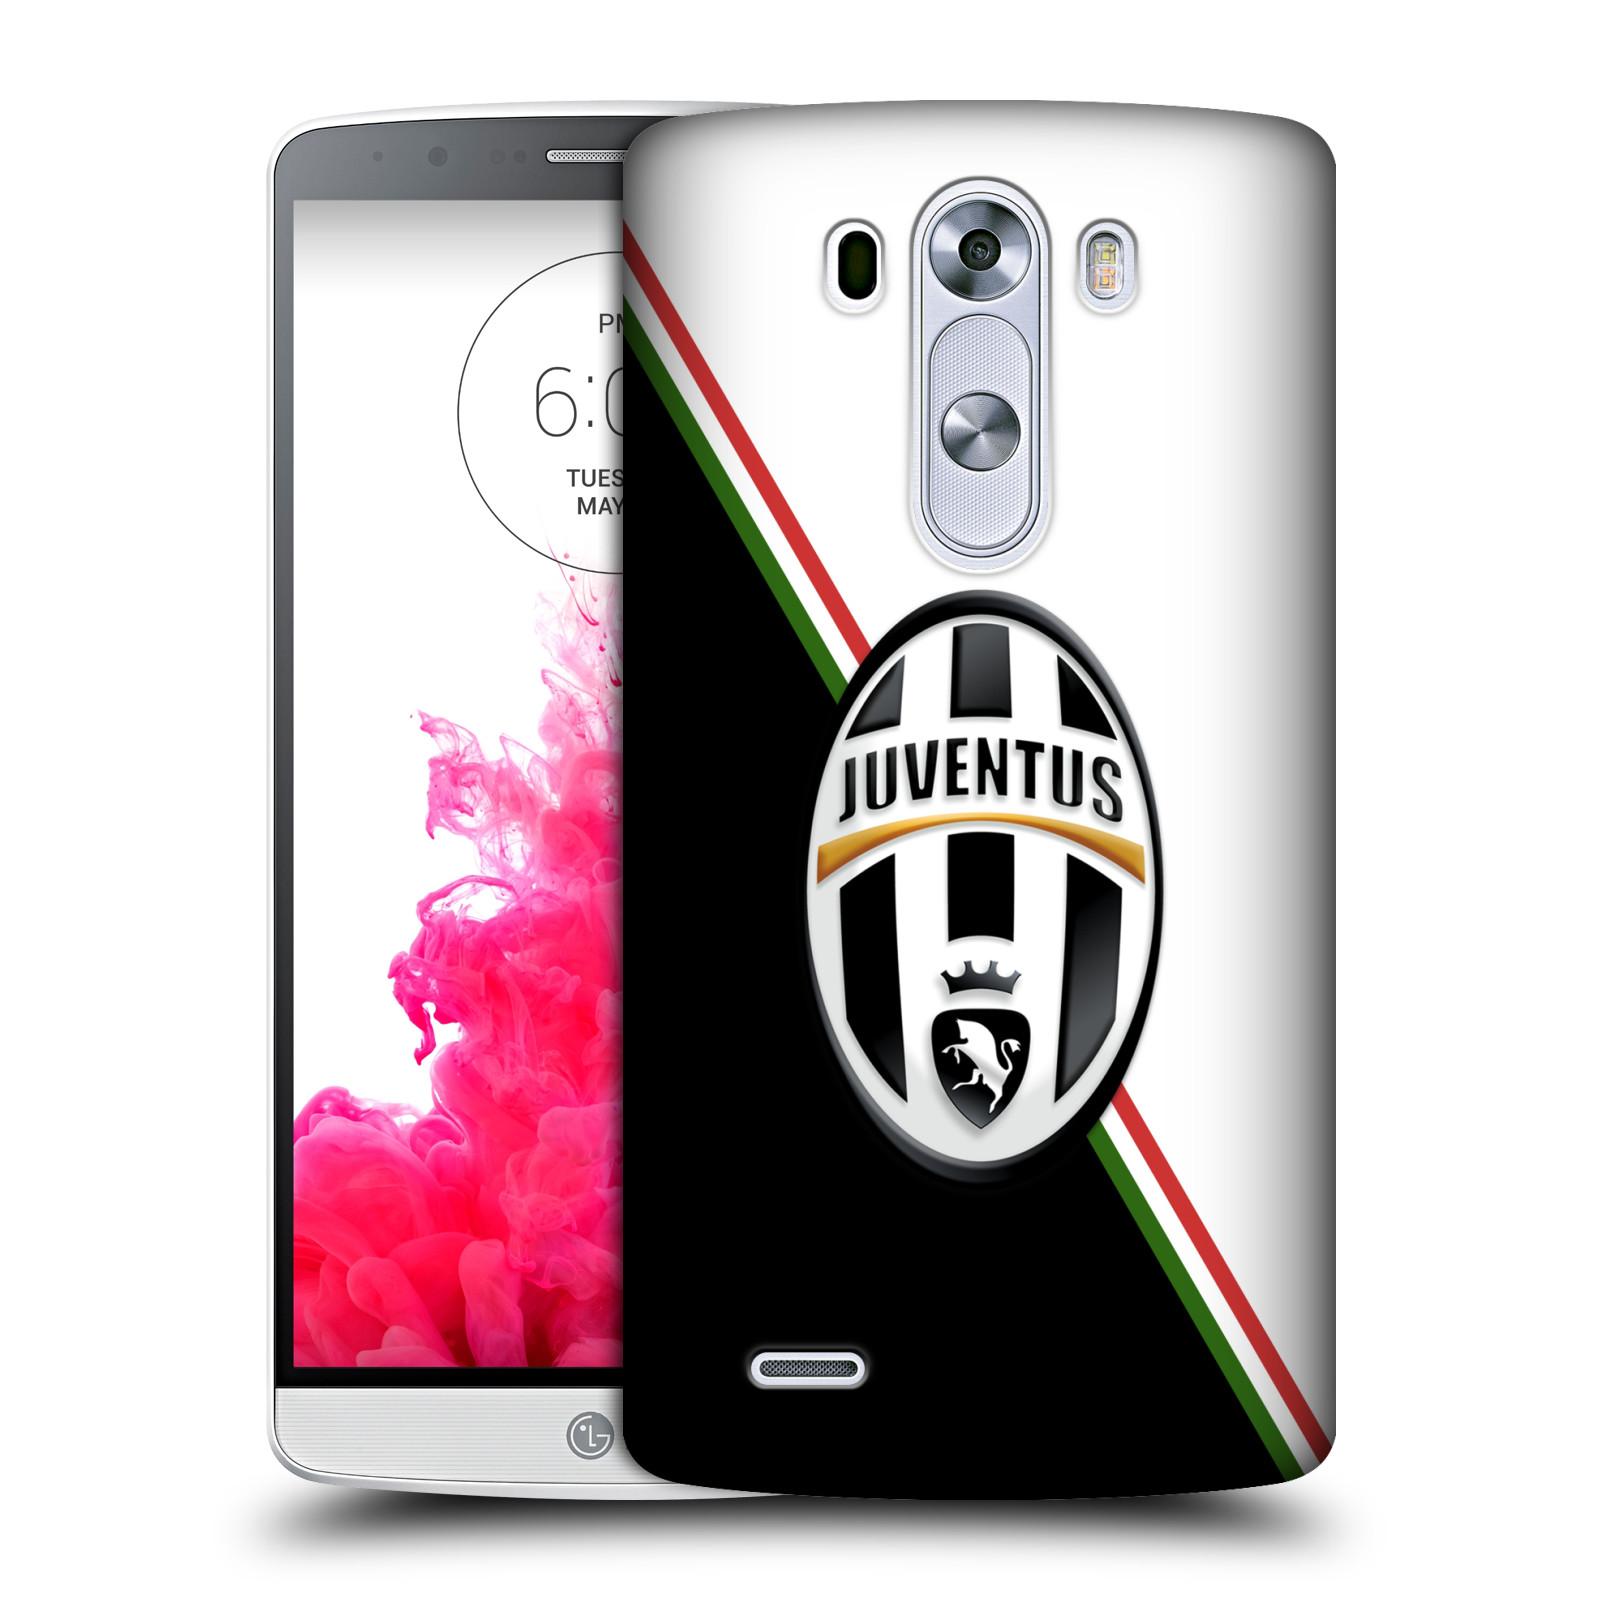 Plastové pouzdro na mobil LG G3 HEAD CASE Juventus FC - Black and White (Plastový kryt či obal na mobilní telefon Juventus FC Official pro LG G3)